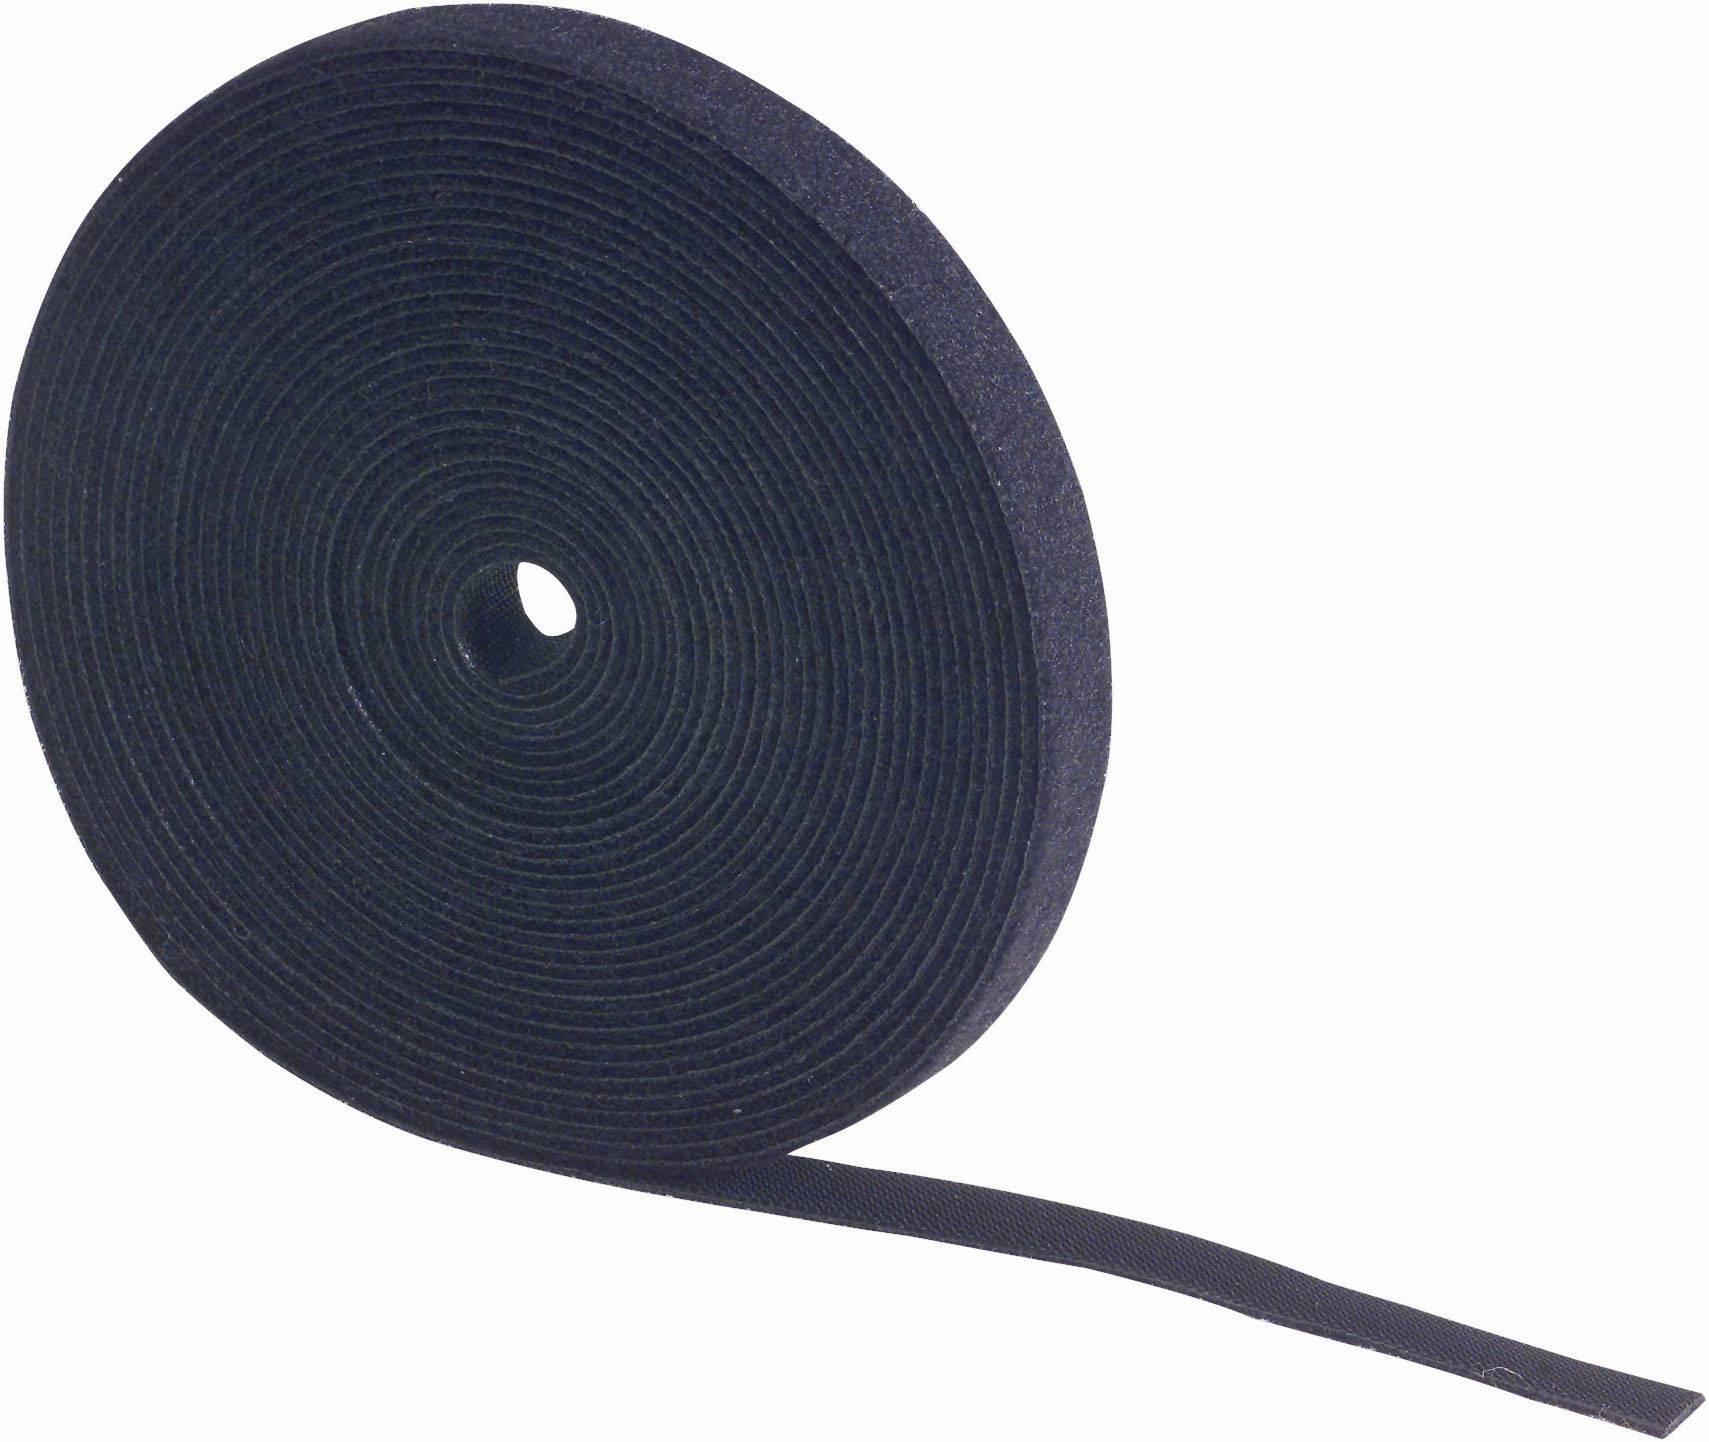 Páska se suchým zipem Fastech 698-330-Bag, 5 m x 30 mm, černá, 5 m